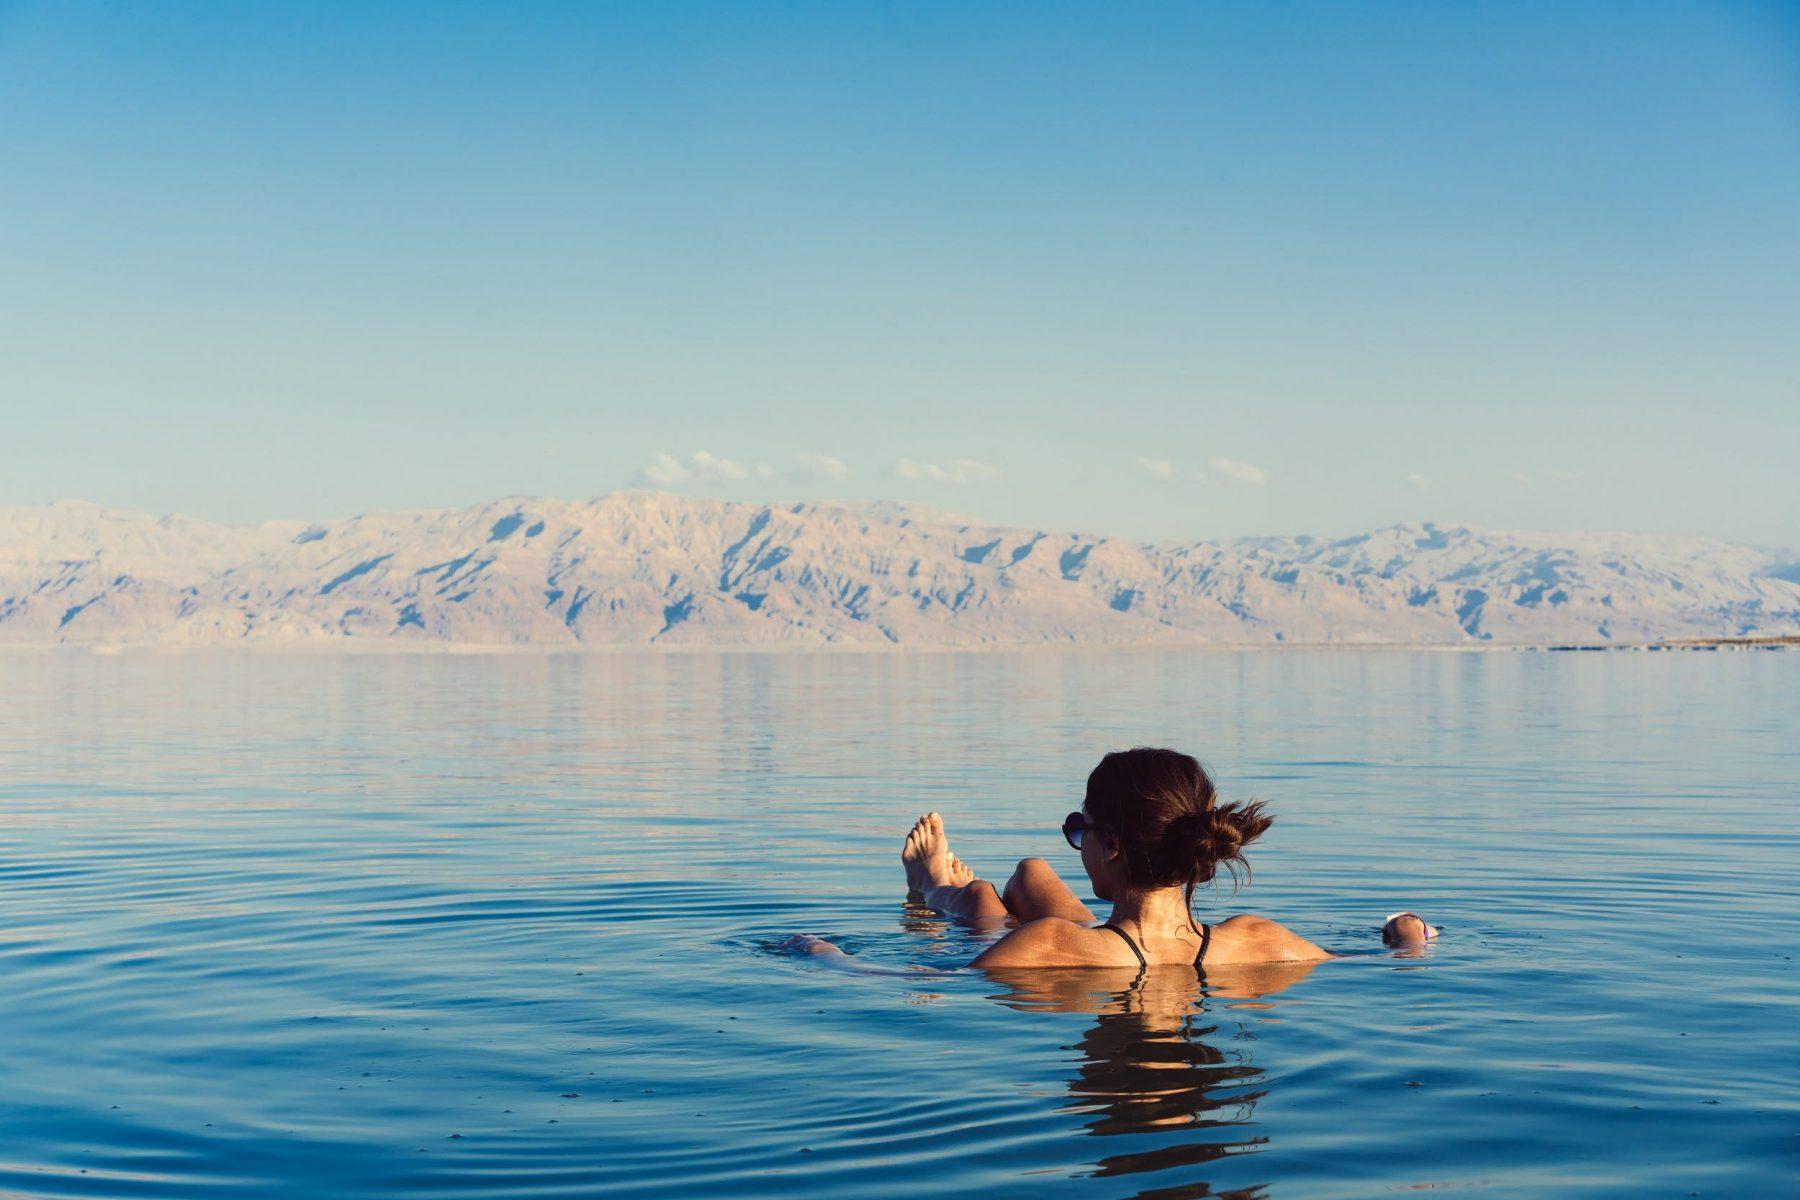 Νεκρά Θάλασσα: Τα ορυκτά της Νεκράς Θάλασσας που θεραπεύουν το δέρμα [vid]